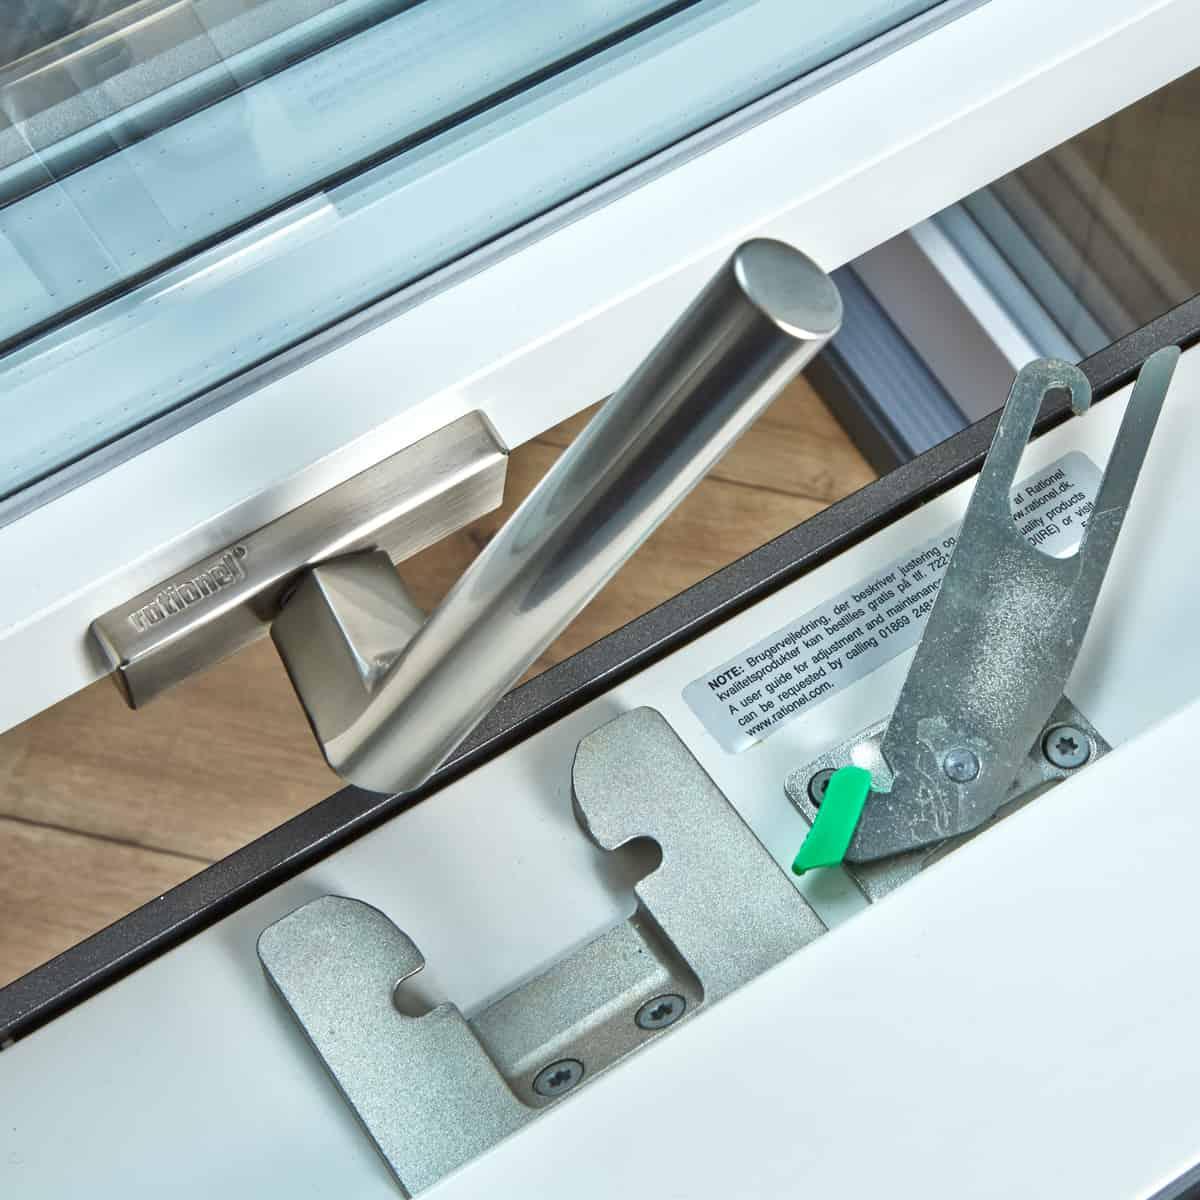 Godt Børnesikring af vinduer: Bestil et vindue med børnesikring | Rationel NK66